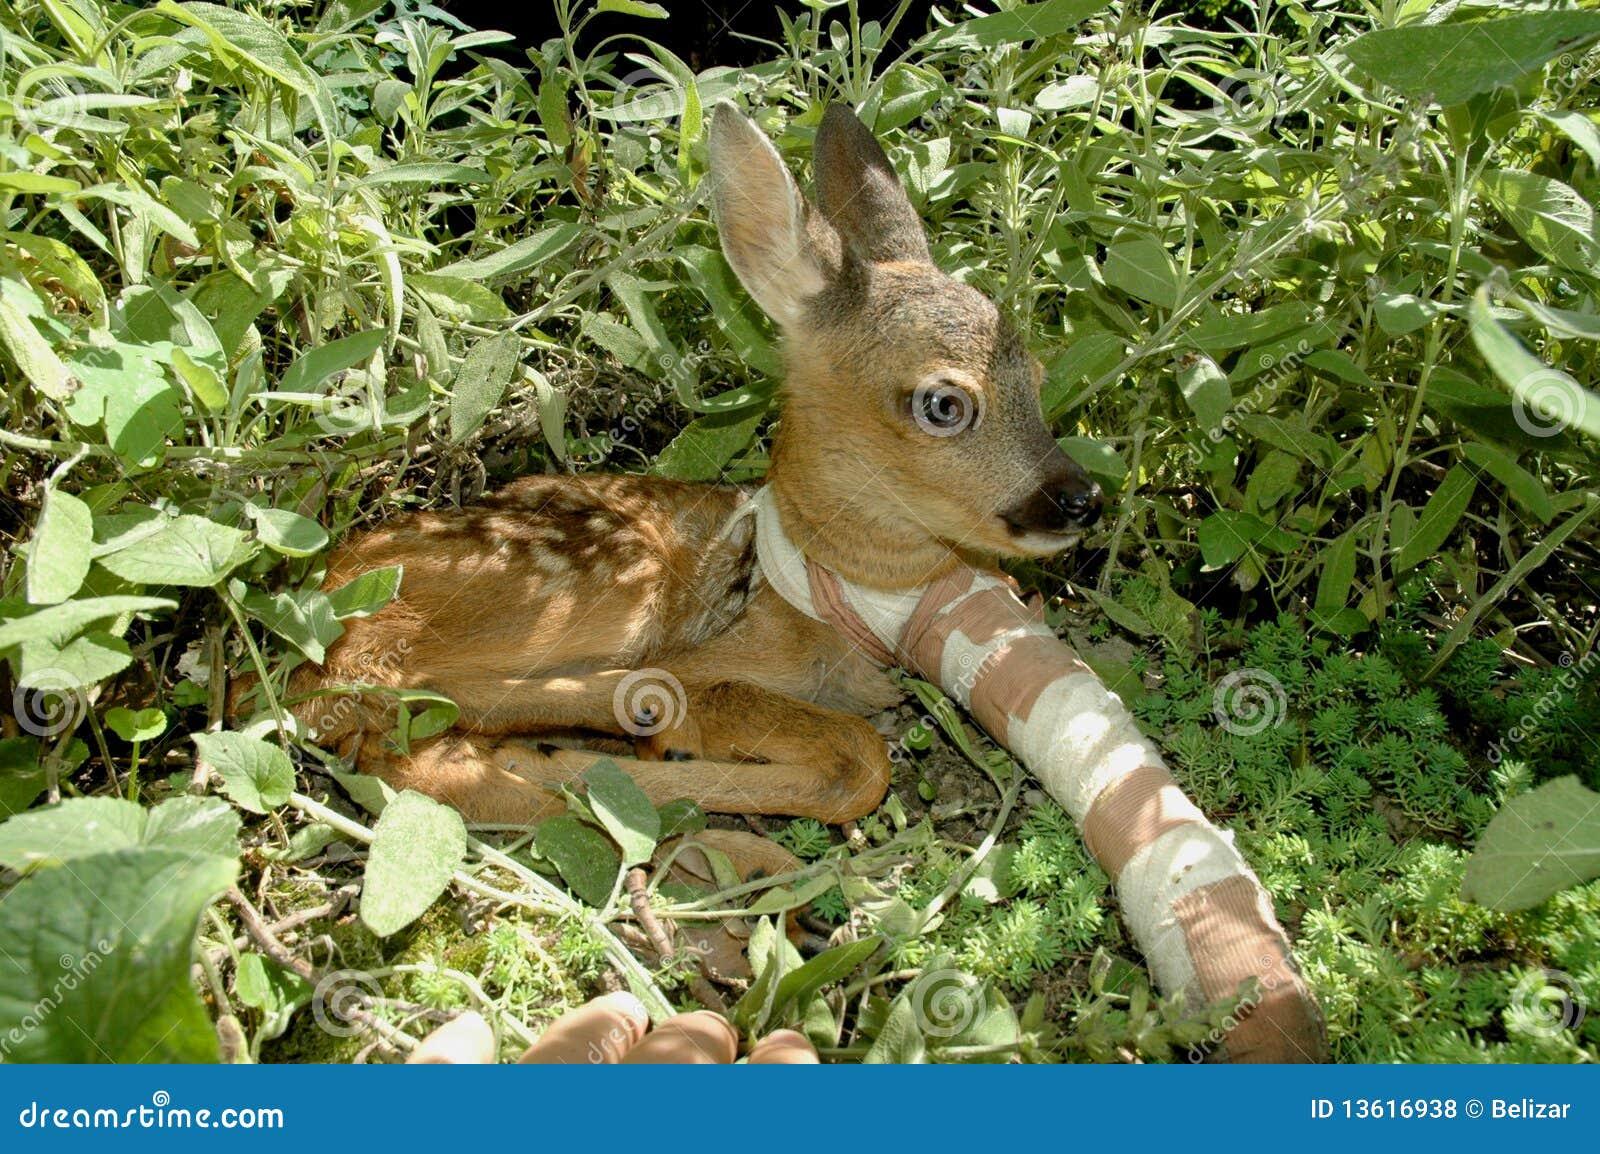 Roe deer (Capreolus capreolus) with broken leg